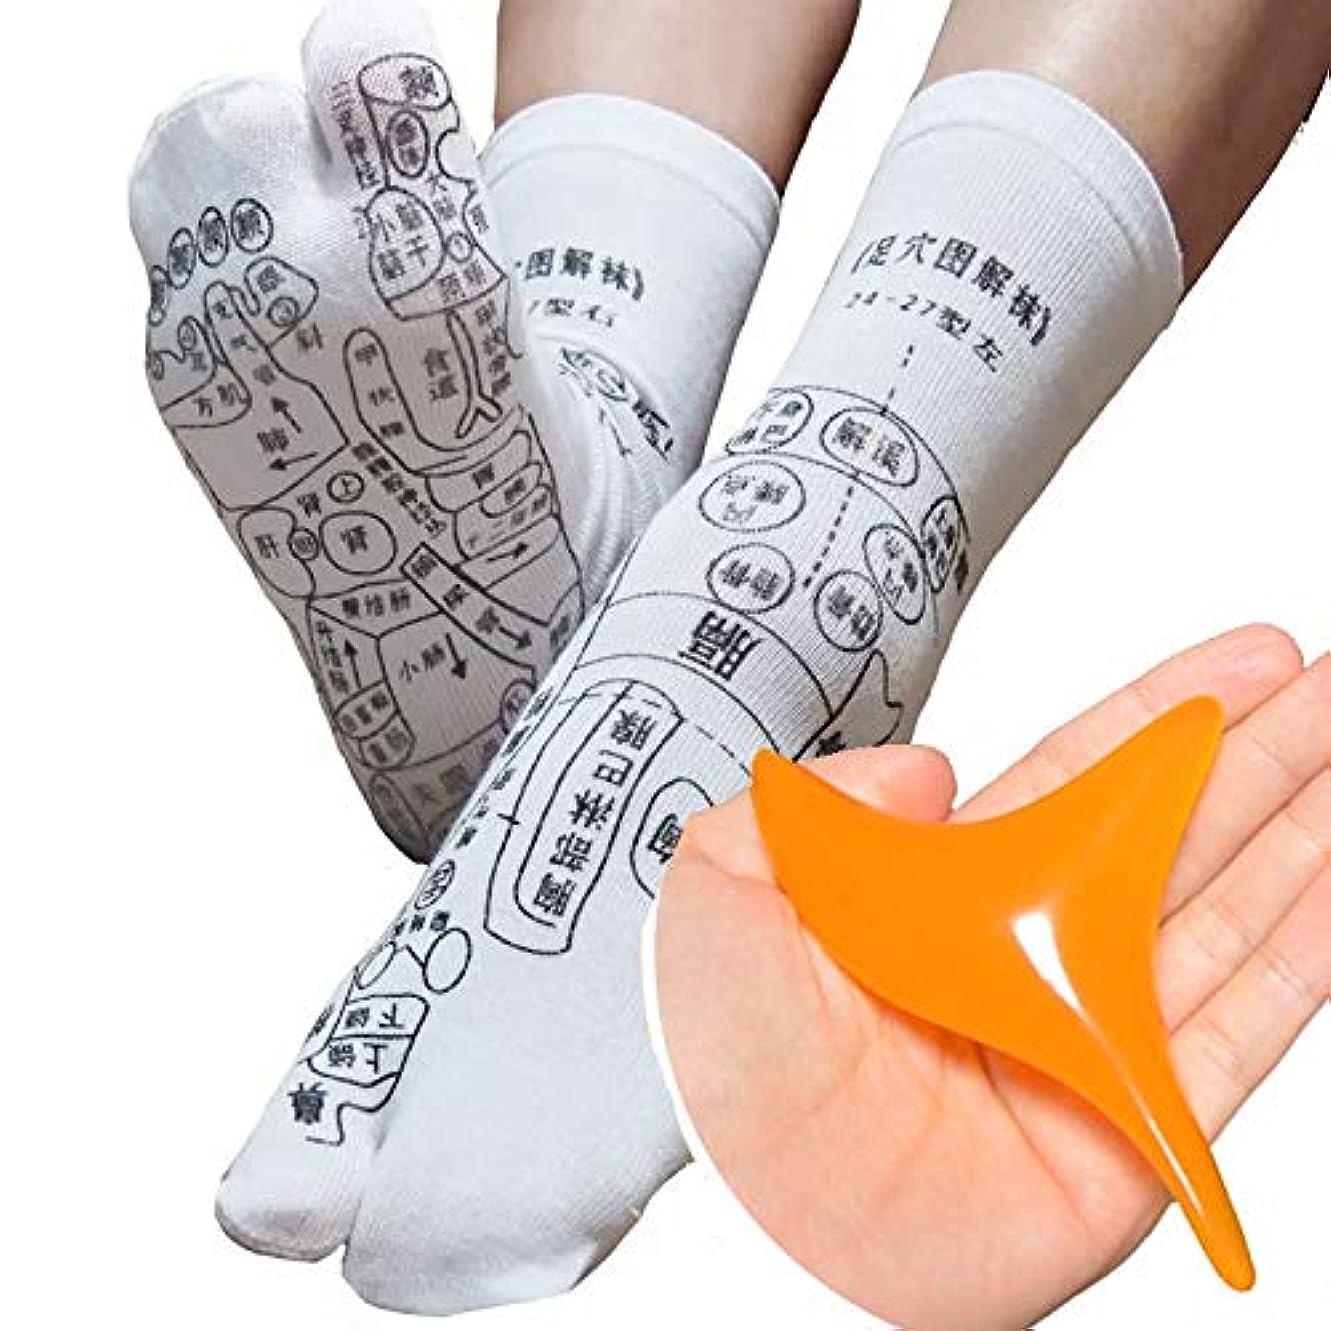 ぜいたく劇的簡単な足全体のツボが「見える」プリントソックス オカリナ型カッサ付き 足裏つぼおしソックス 足ツボ靴下 反射区 サイズ22~26センチ 靴下の字は中国語